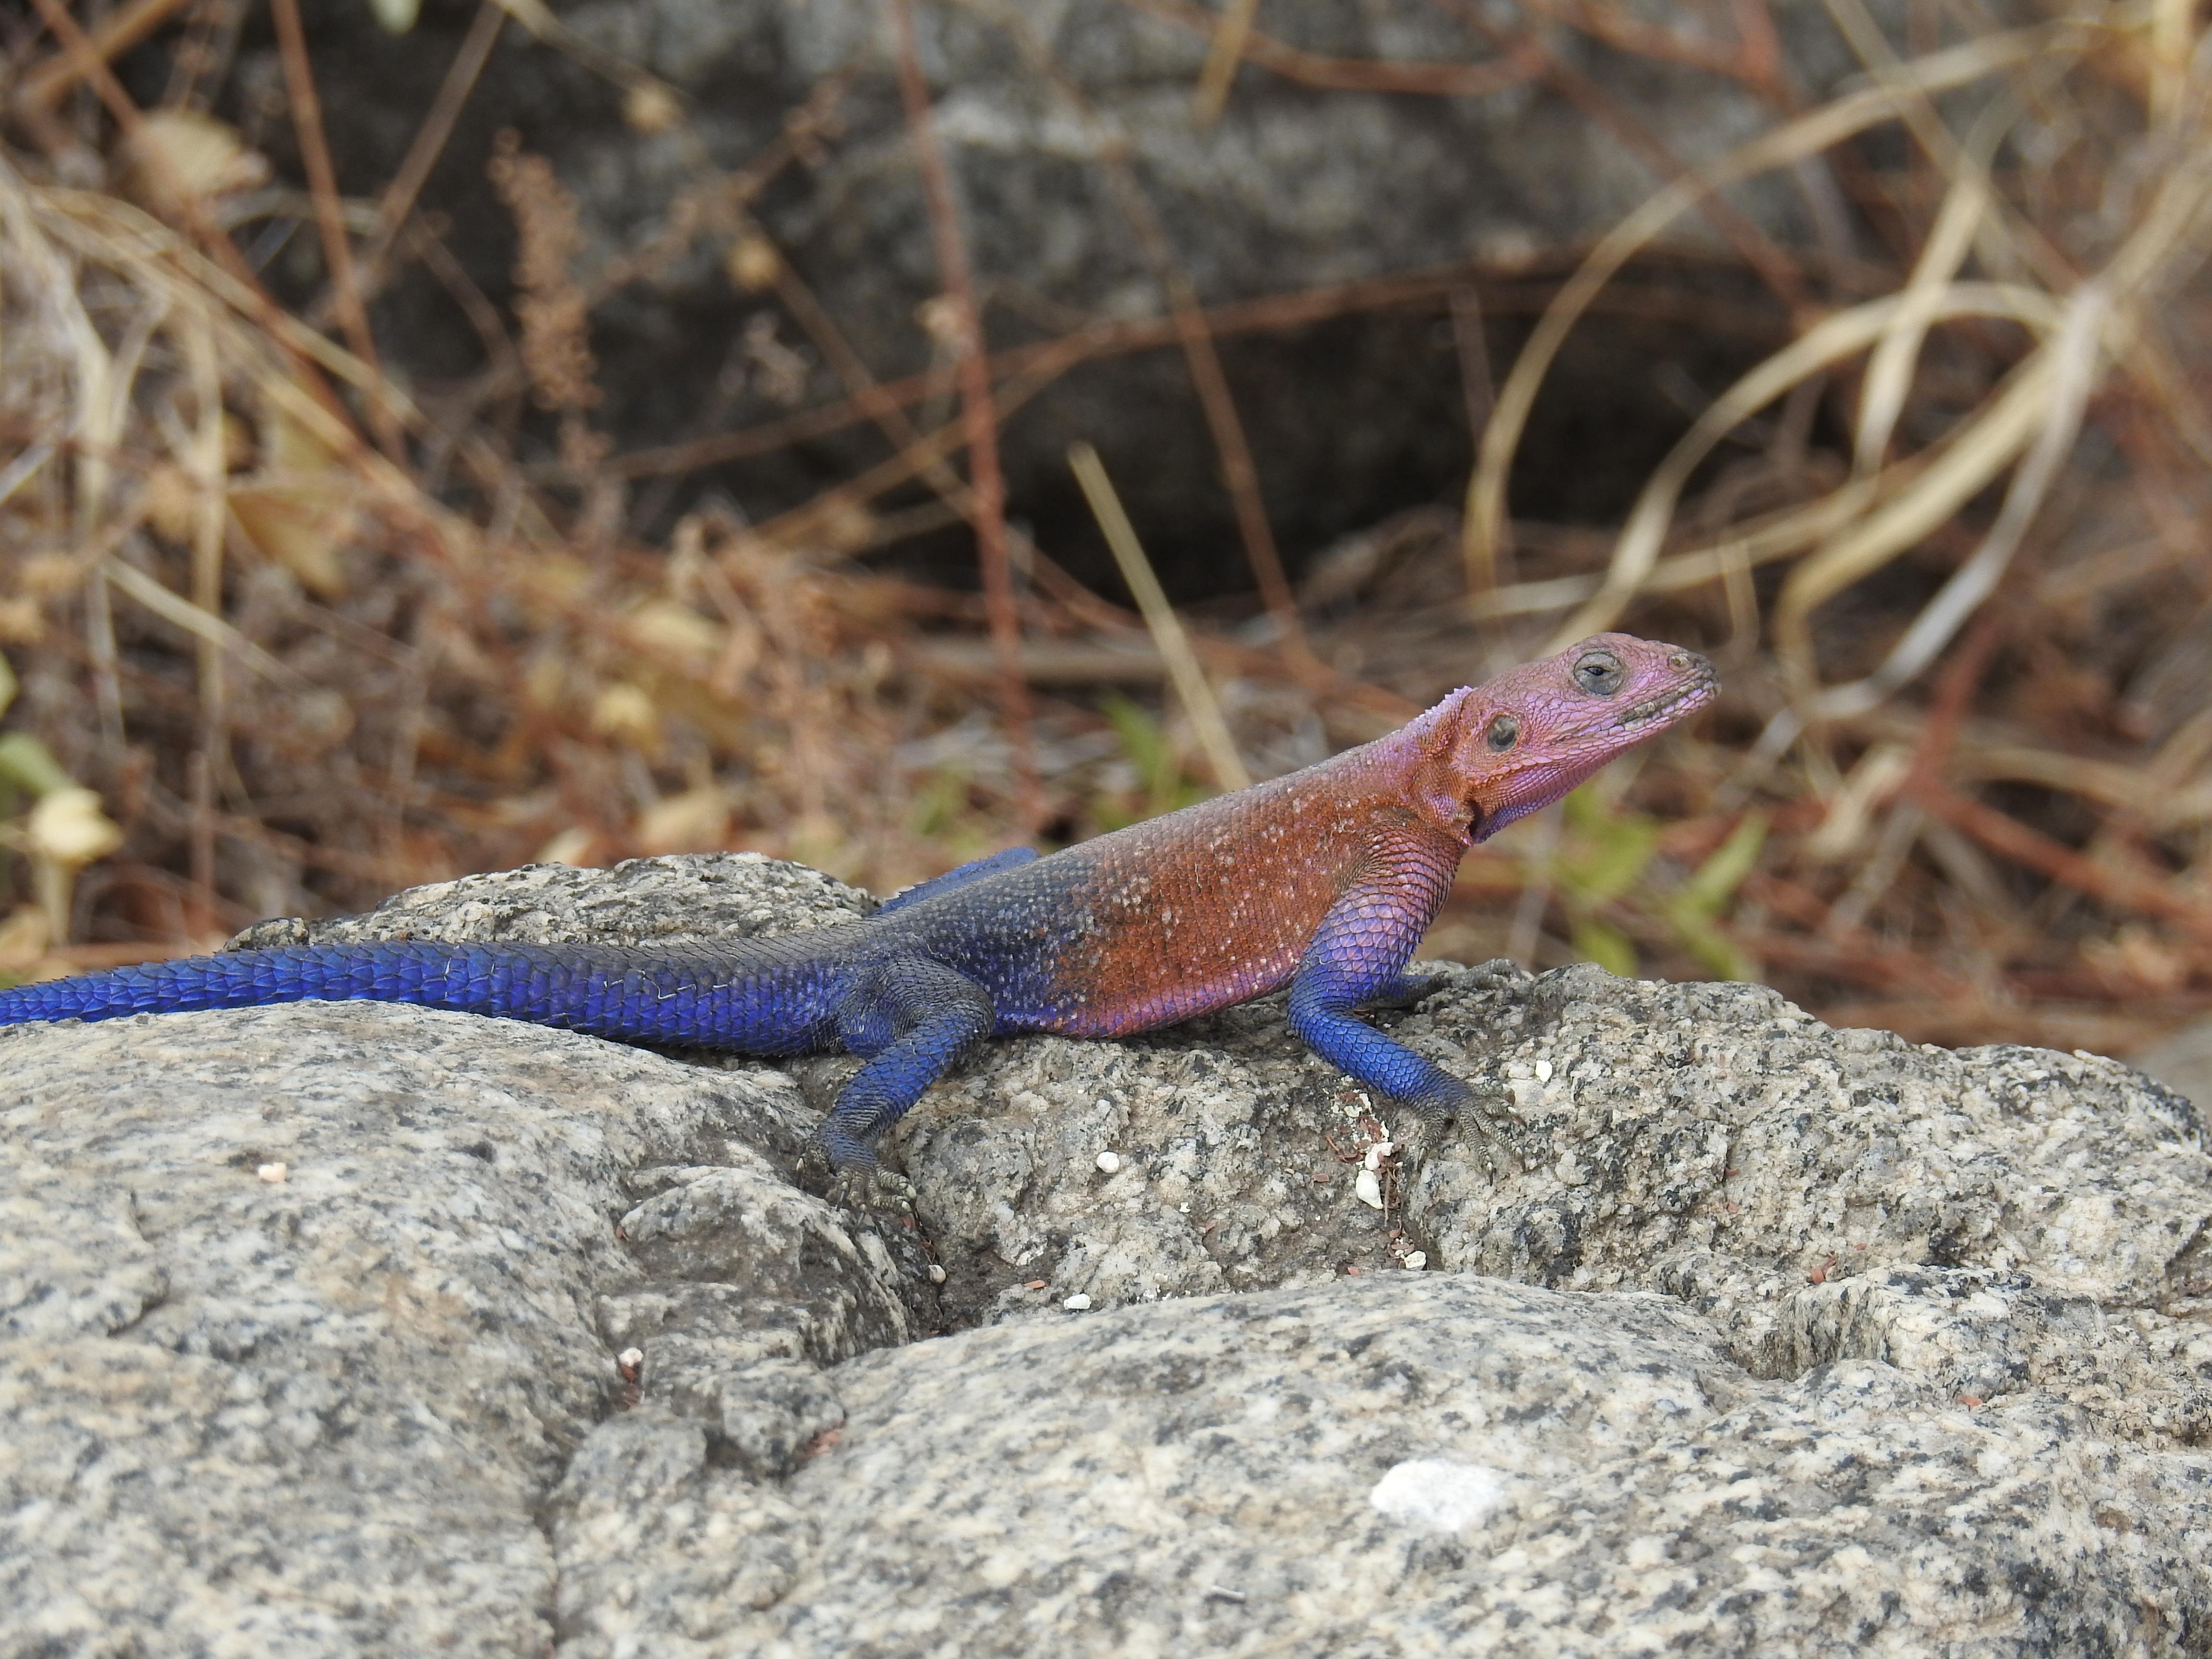 Colored_lizard.jpg